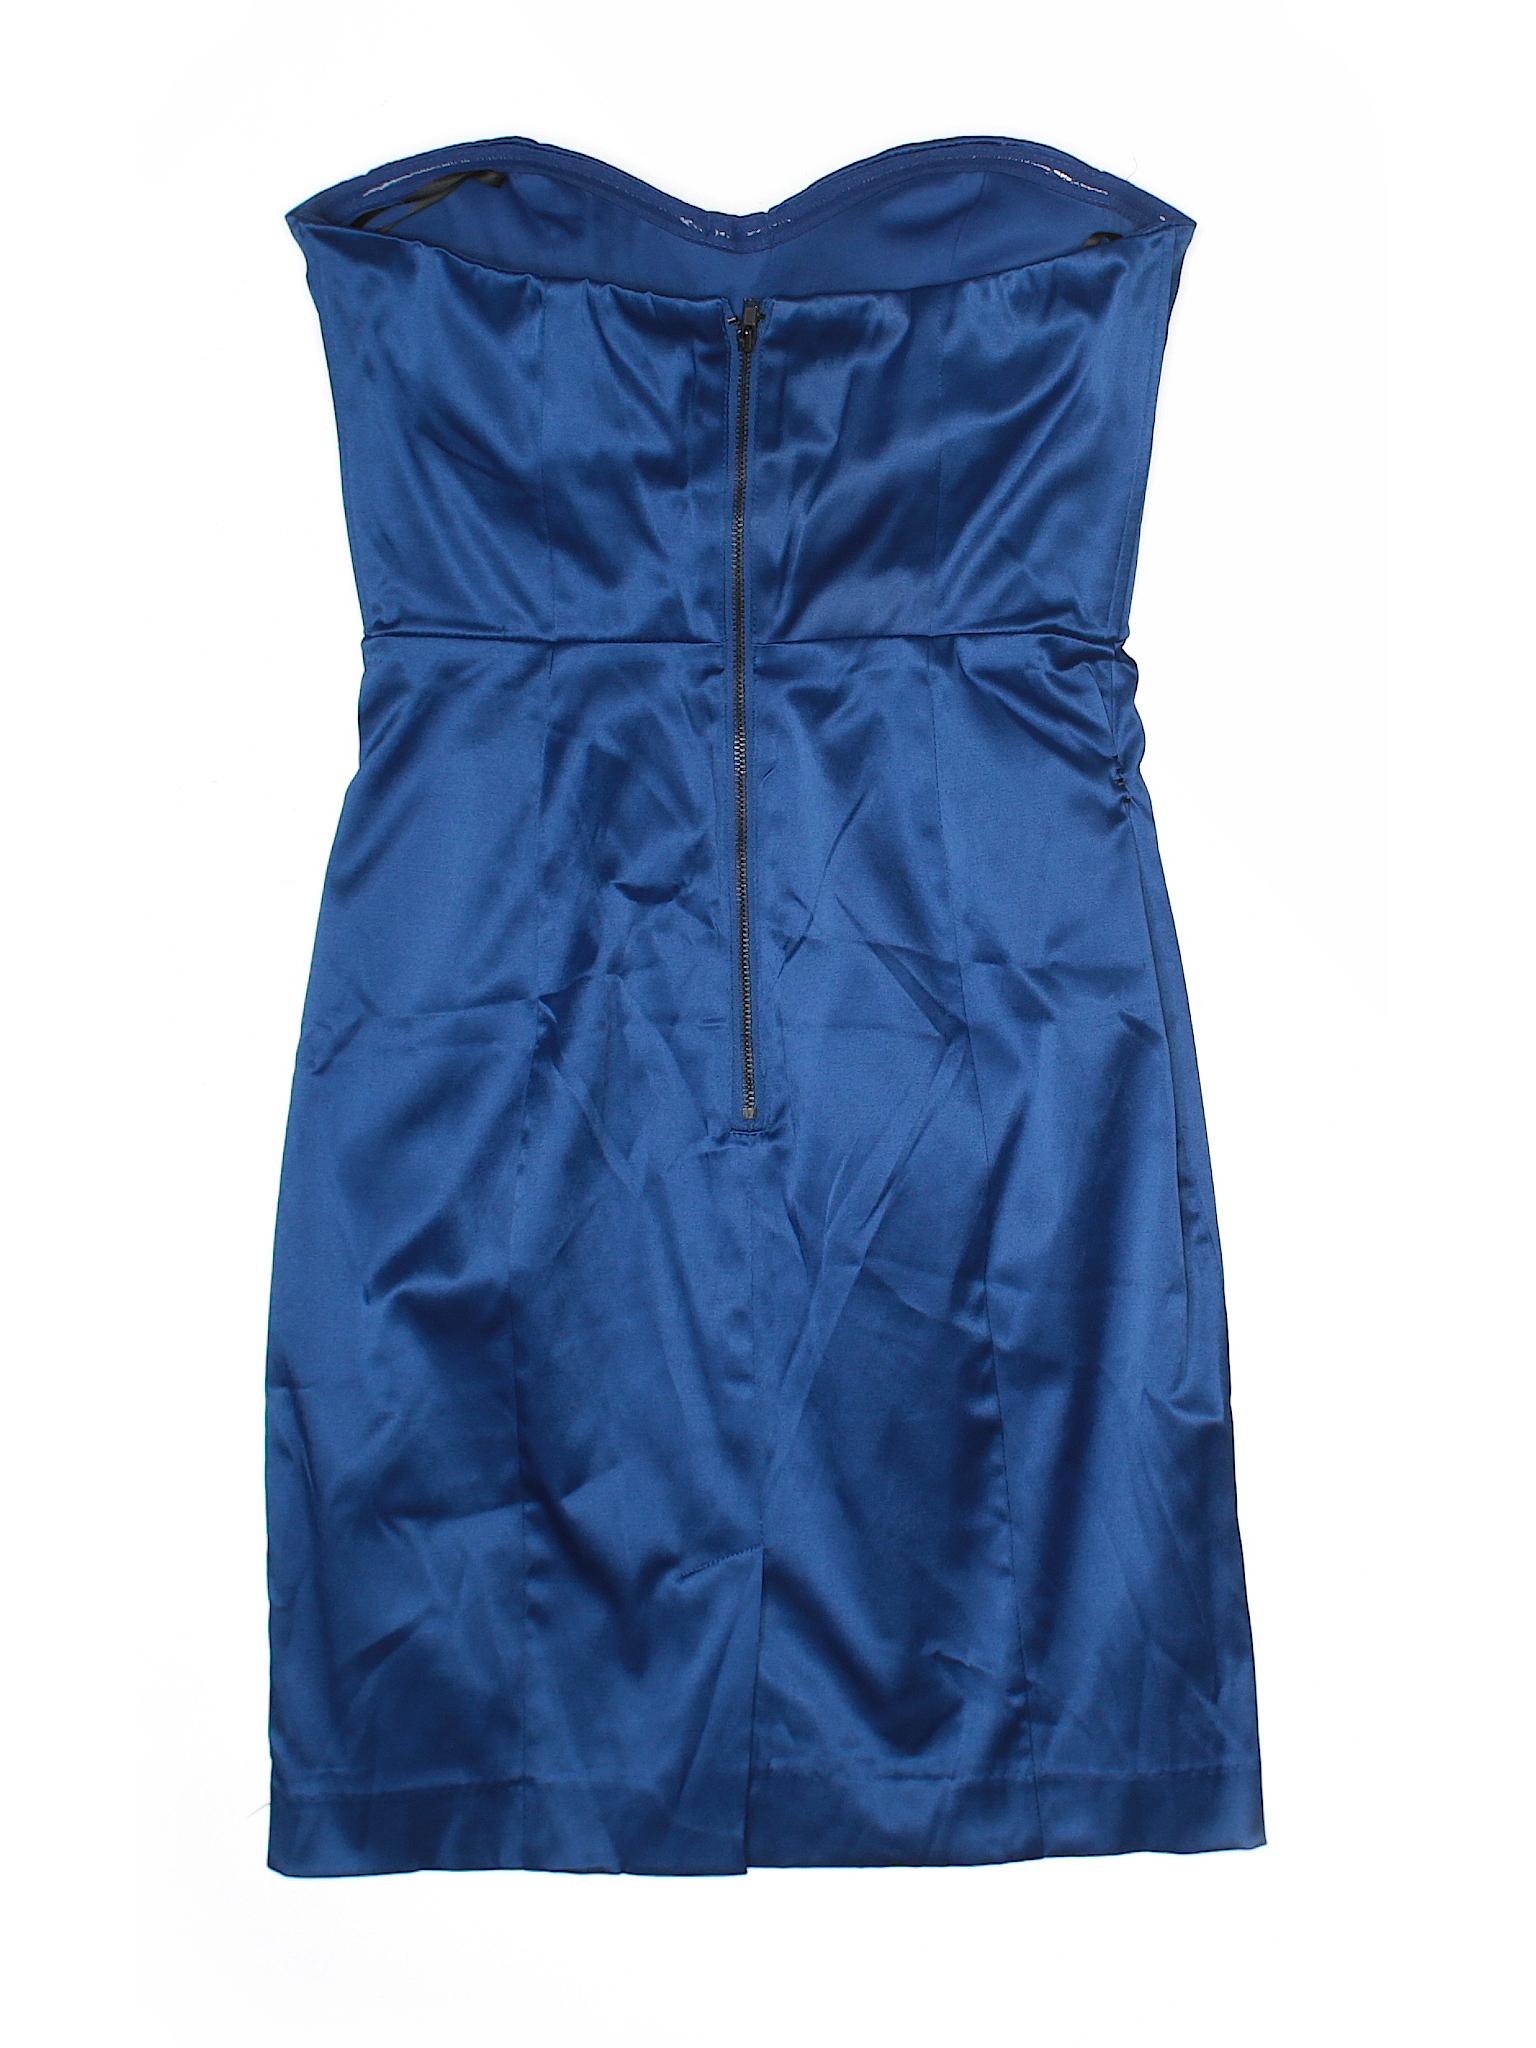 Boutique Cocktail Boutique Winter Dress Winter Xxi TWncc5qP1